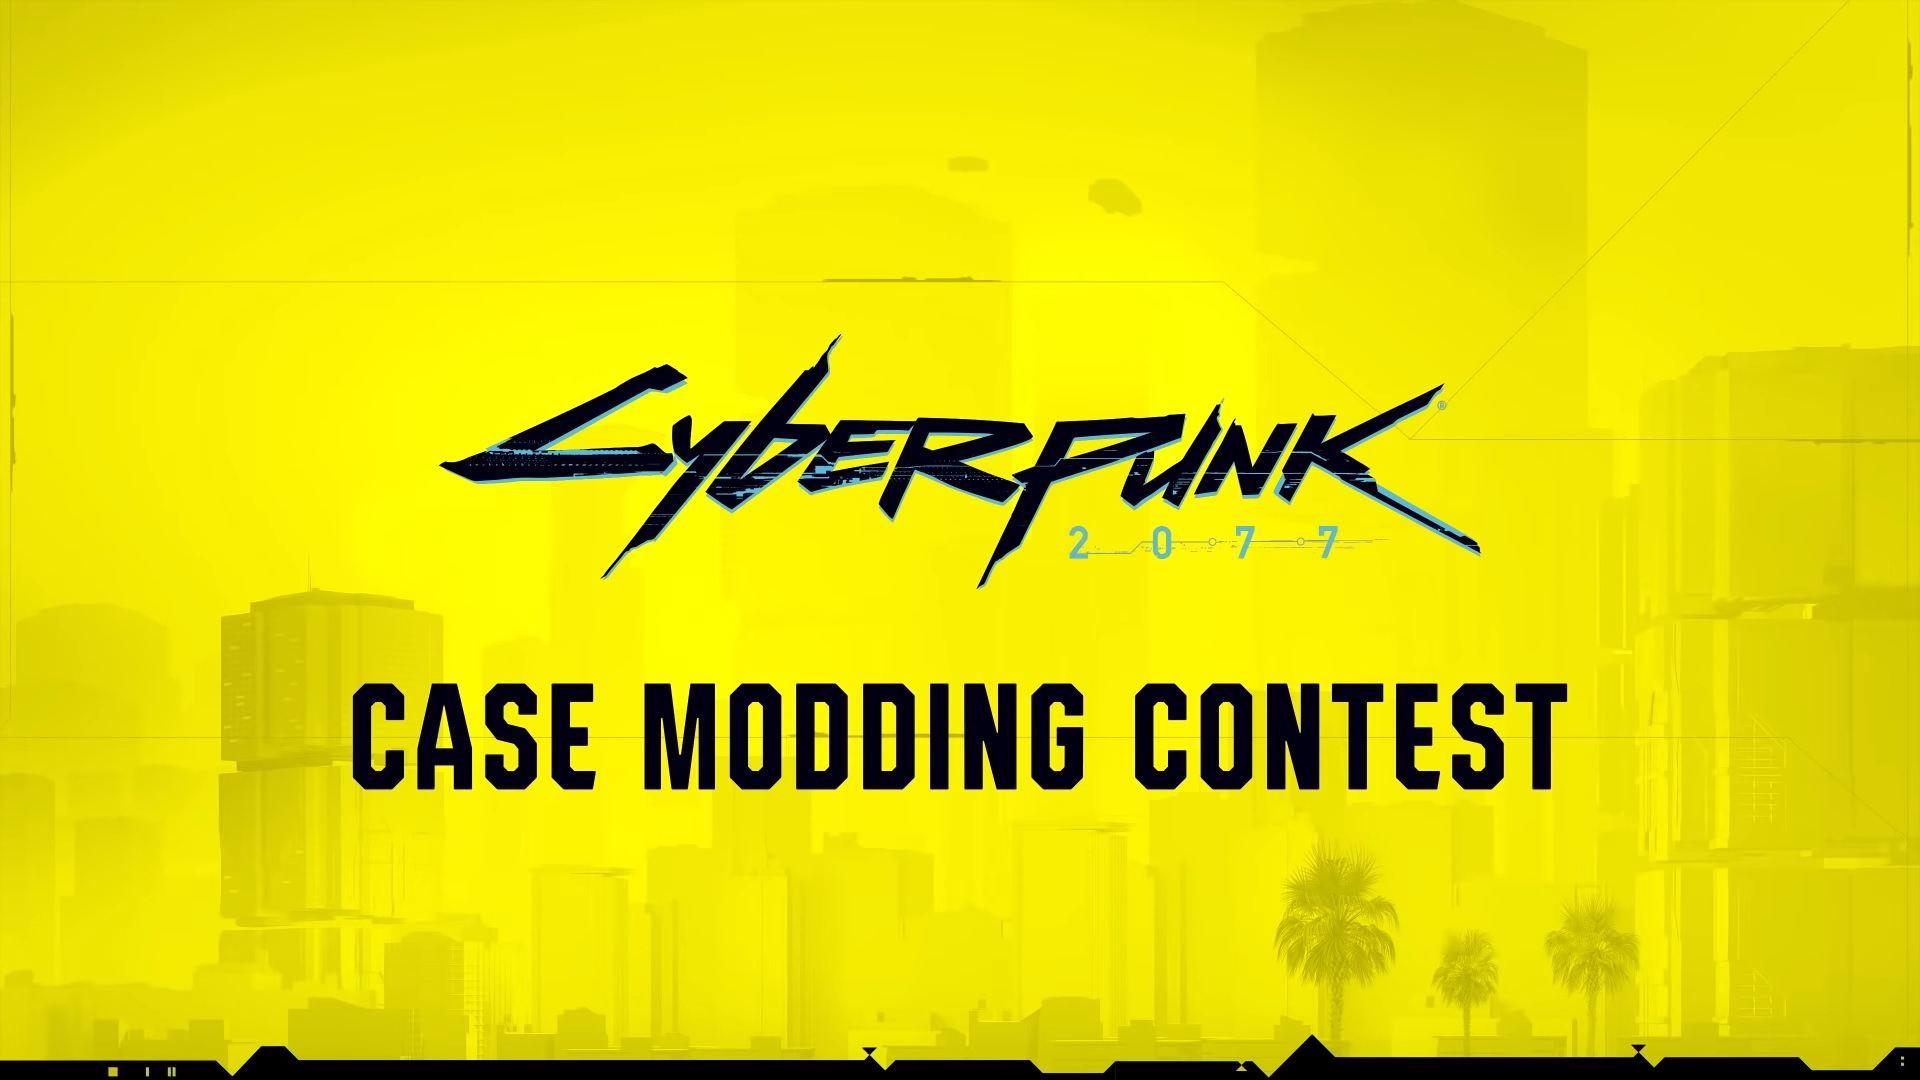 CD PROJEKT RED ogłasza konkurs #CyberUpYourPC. Do wygrania m.in. potężny, cyberpunkowy komputer stacjonarny 23